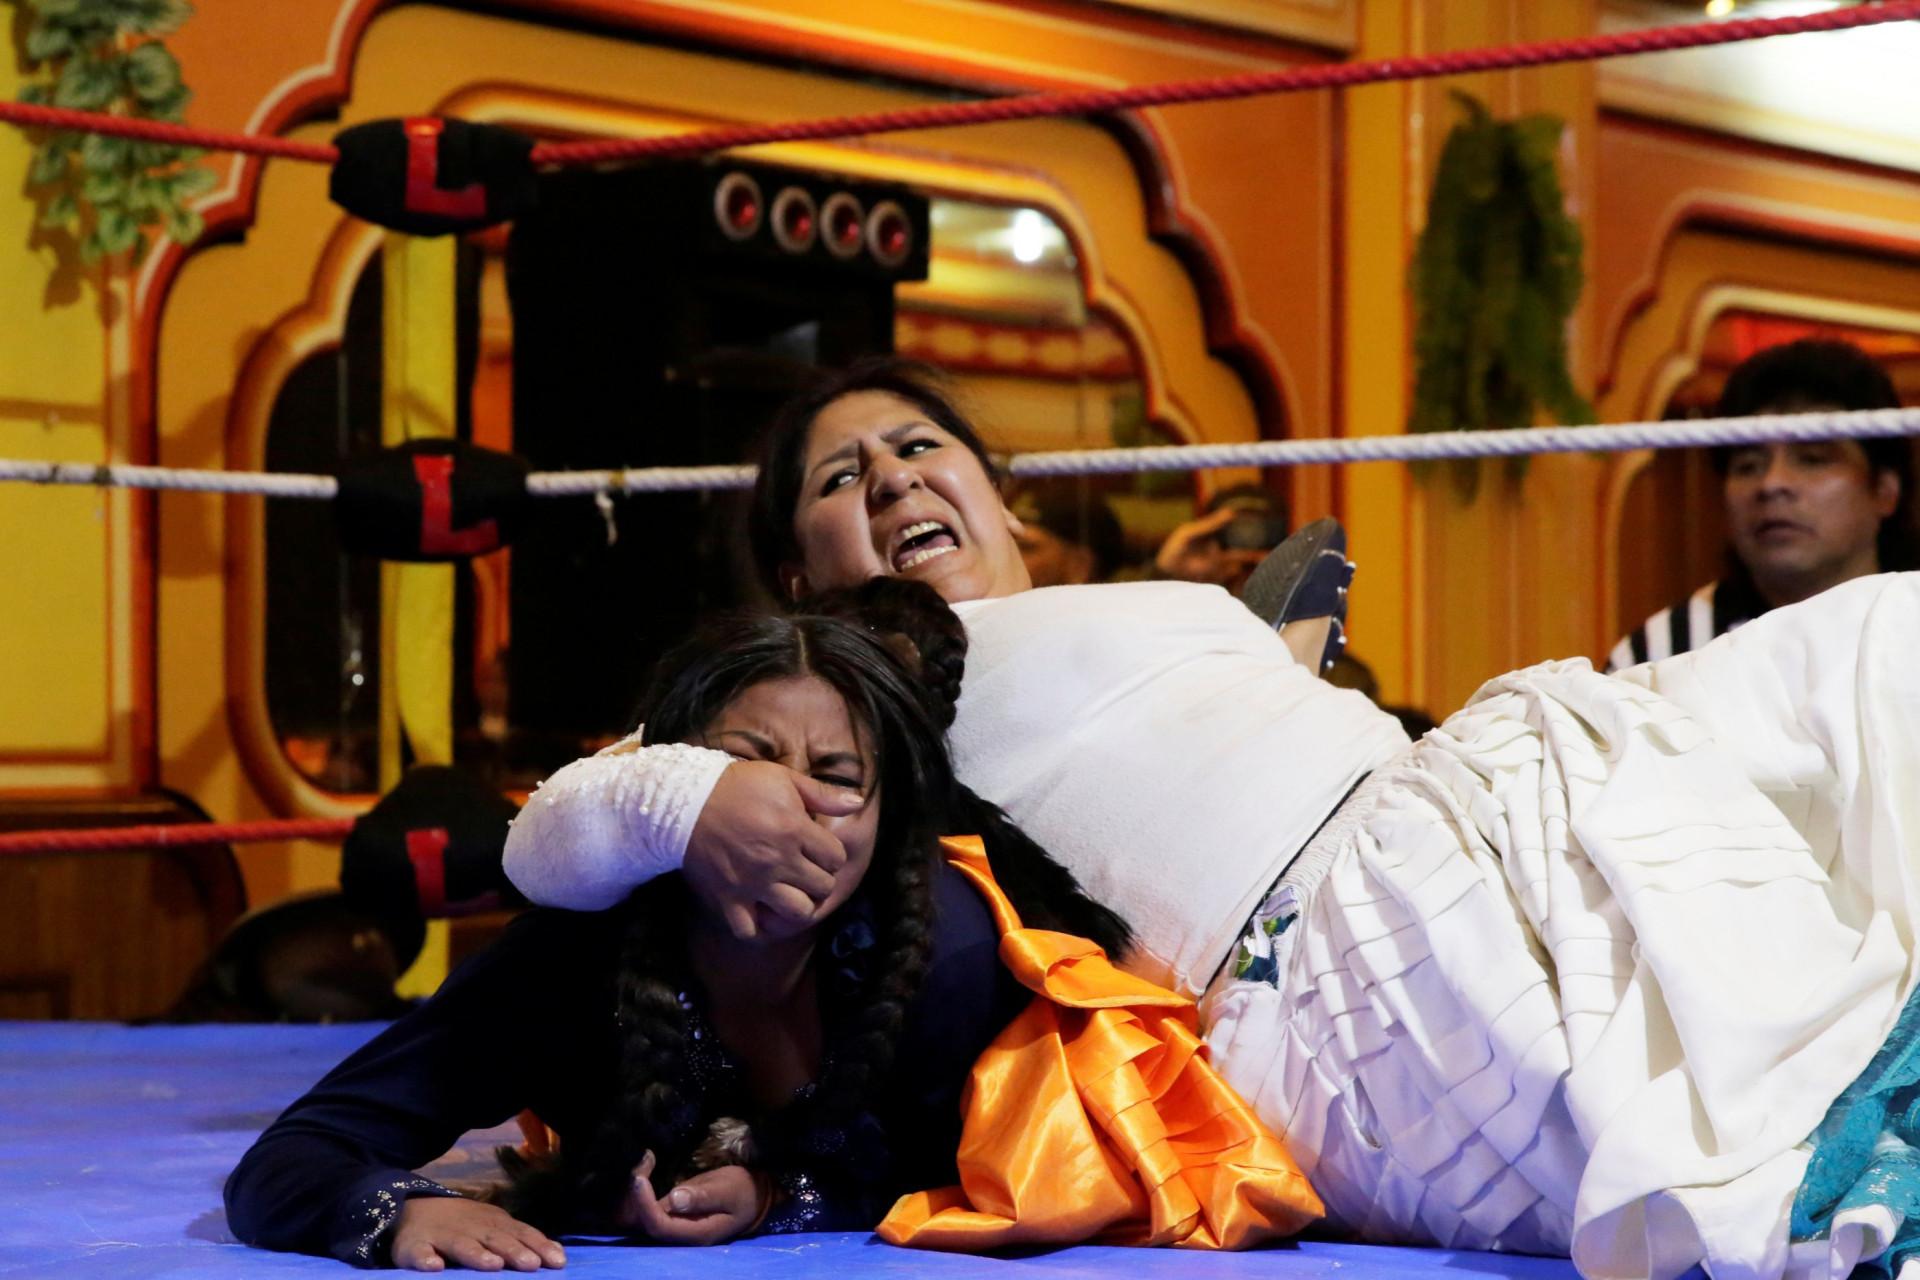 As Cholitas já têm voz e agora até no wrestling dão cartas